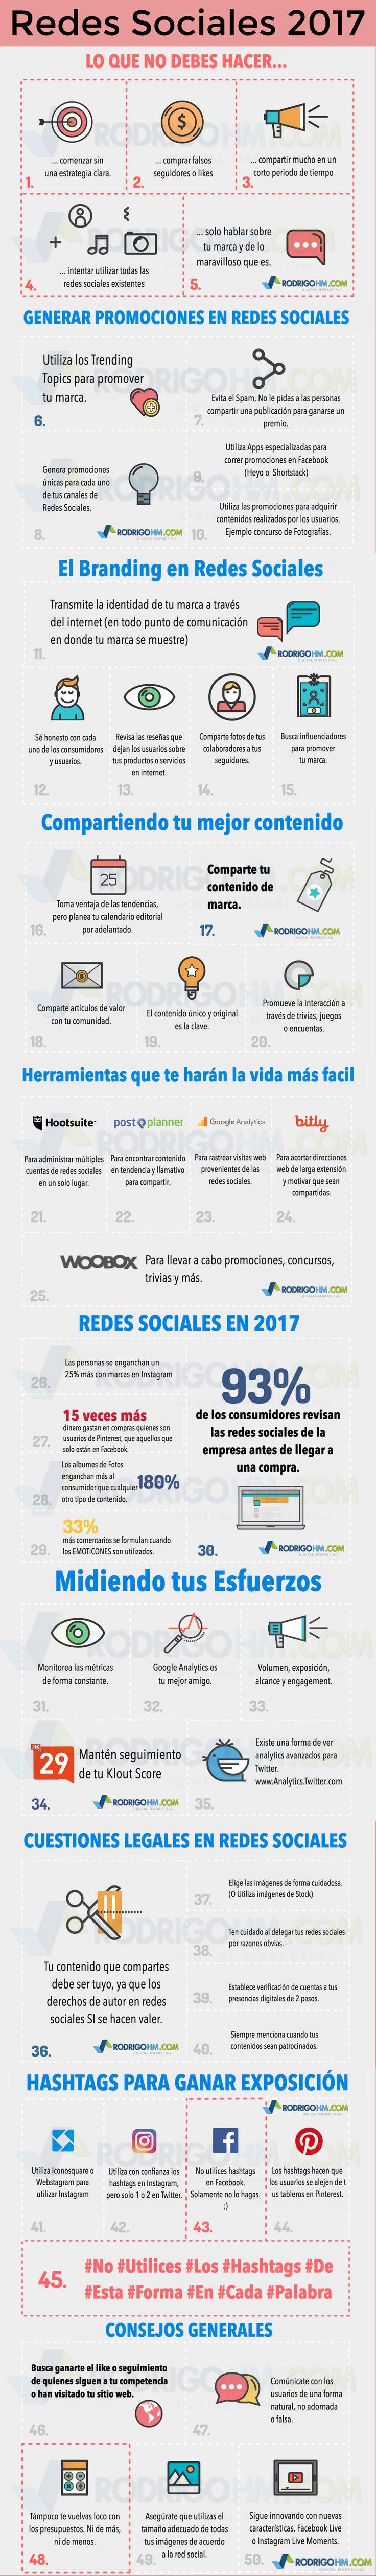 Redes Sociales 2017 #Infografía